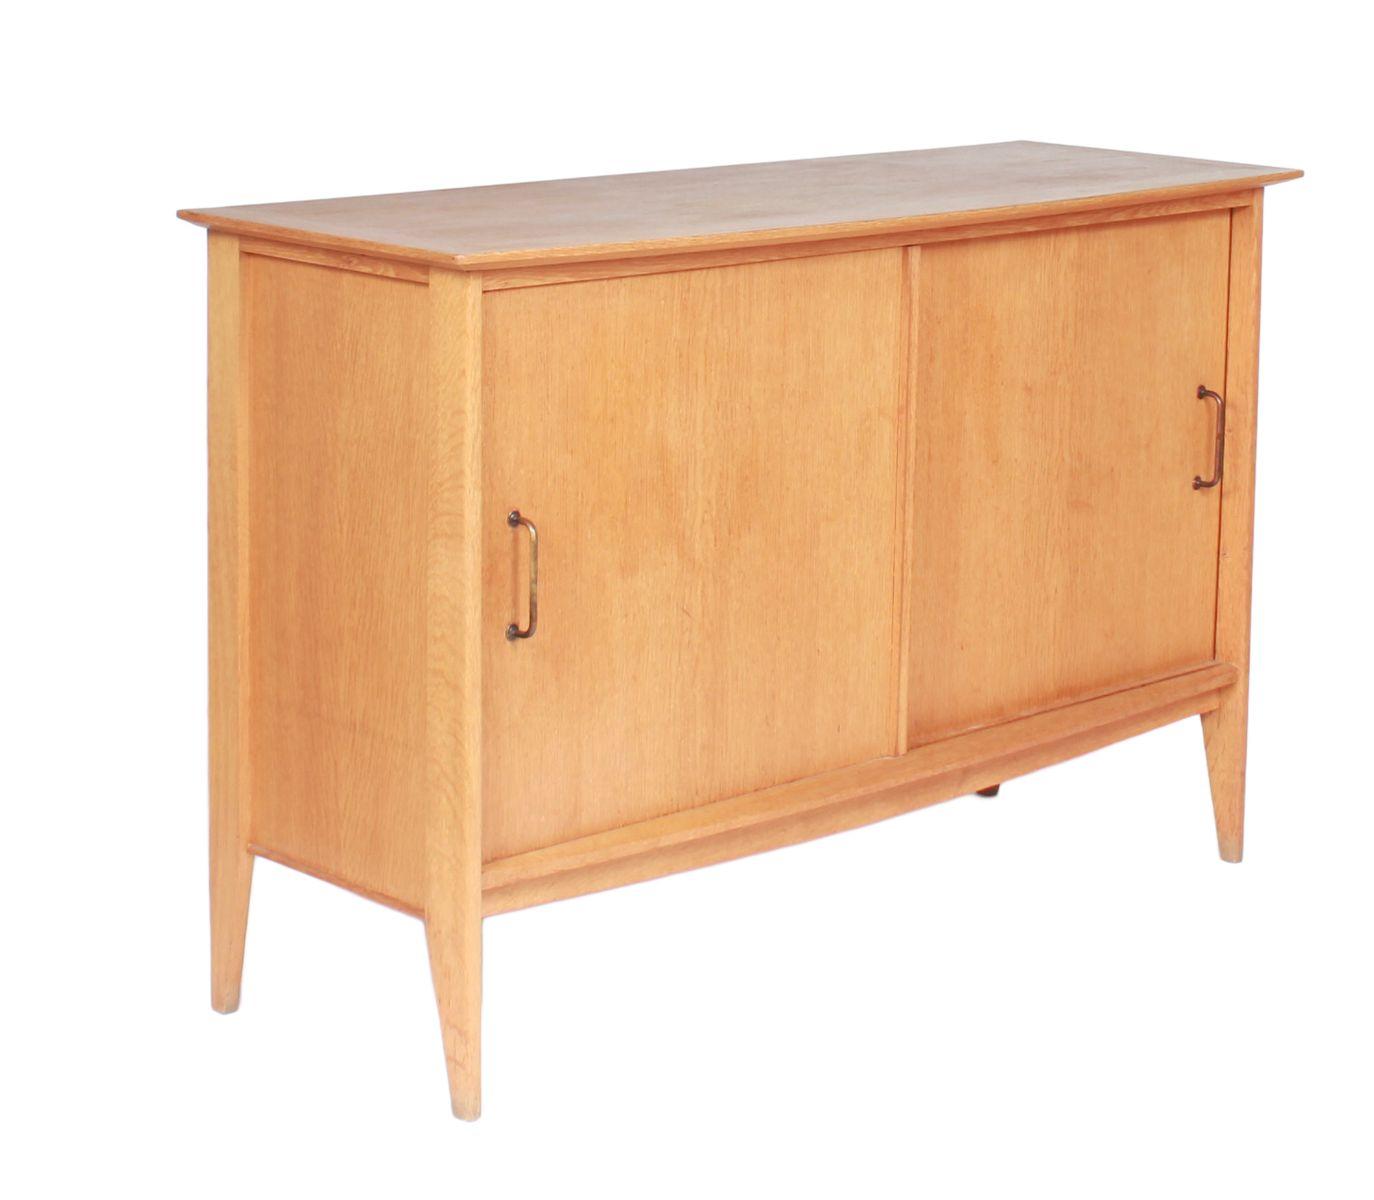 meuble vintage s rie junior par roger landault en vente sur pamono. Black Bedroom Furniture Sets. Home Design Ideas